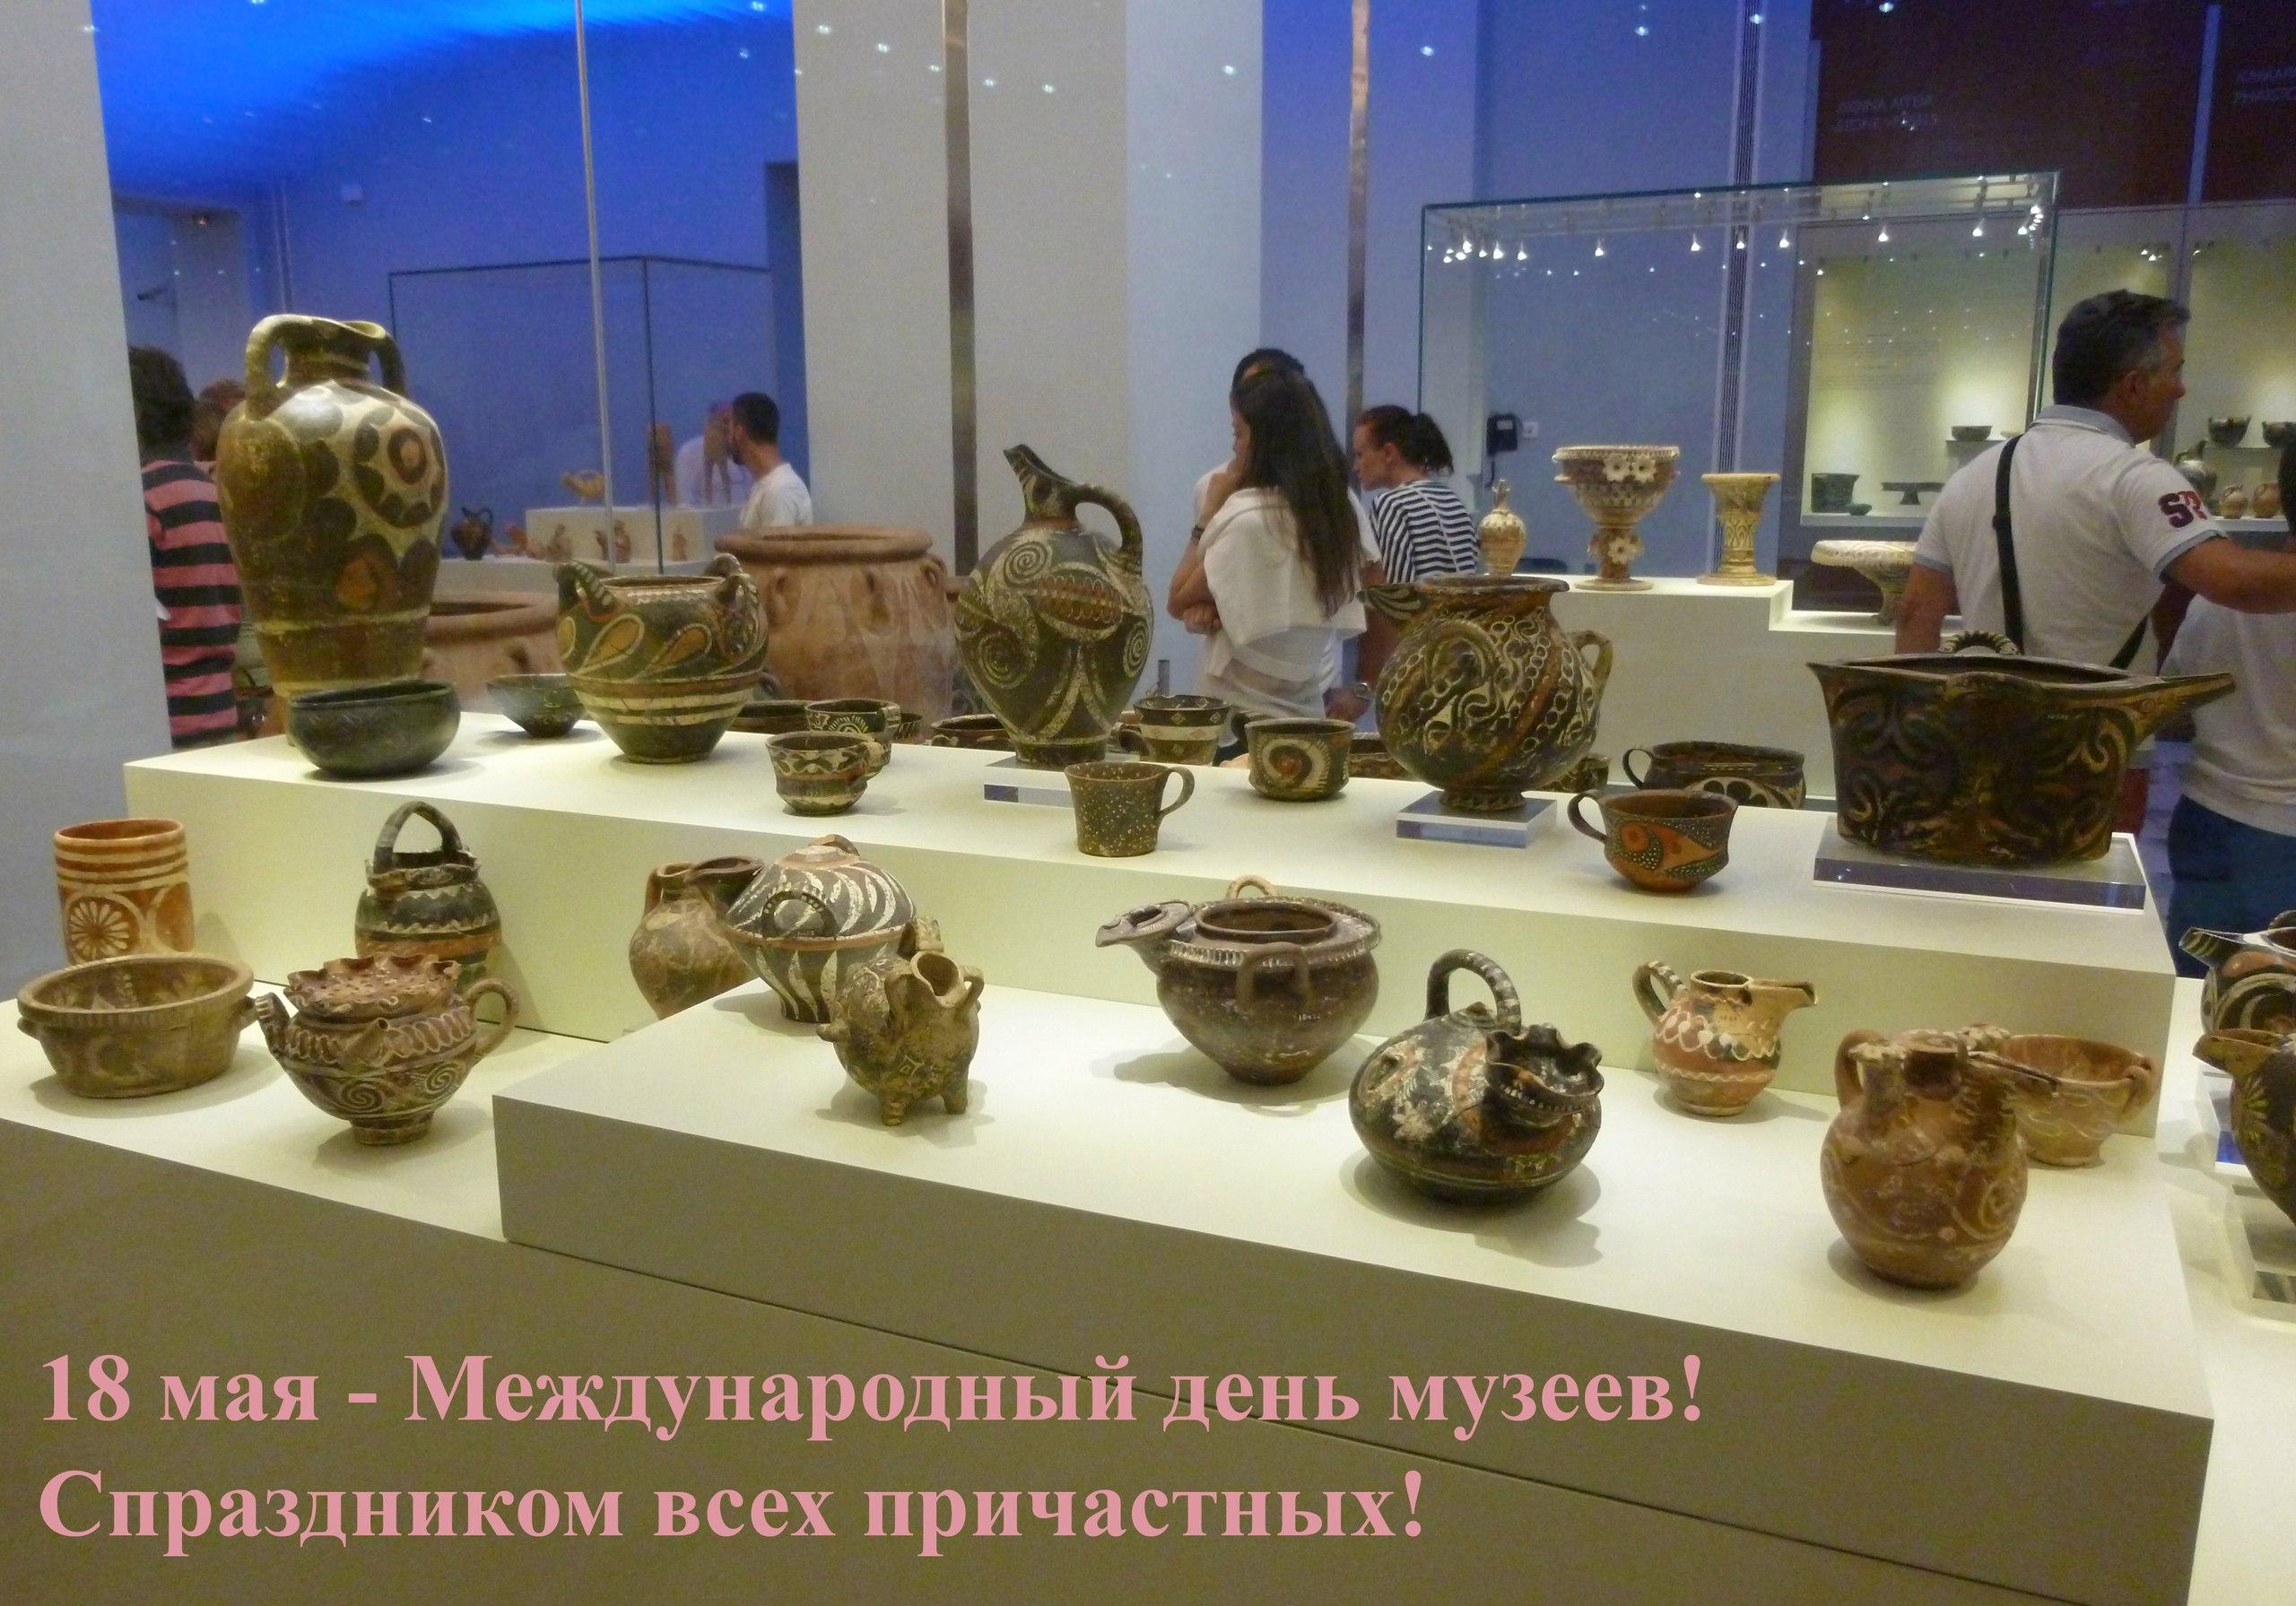 18 мая - Международный день музеев (International Museum Day)